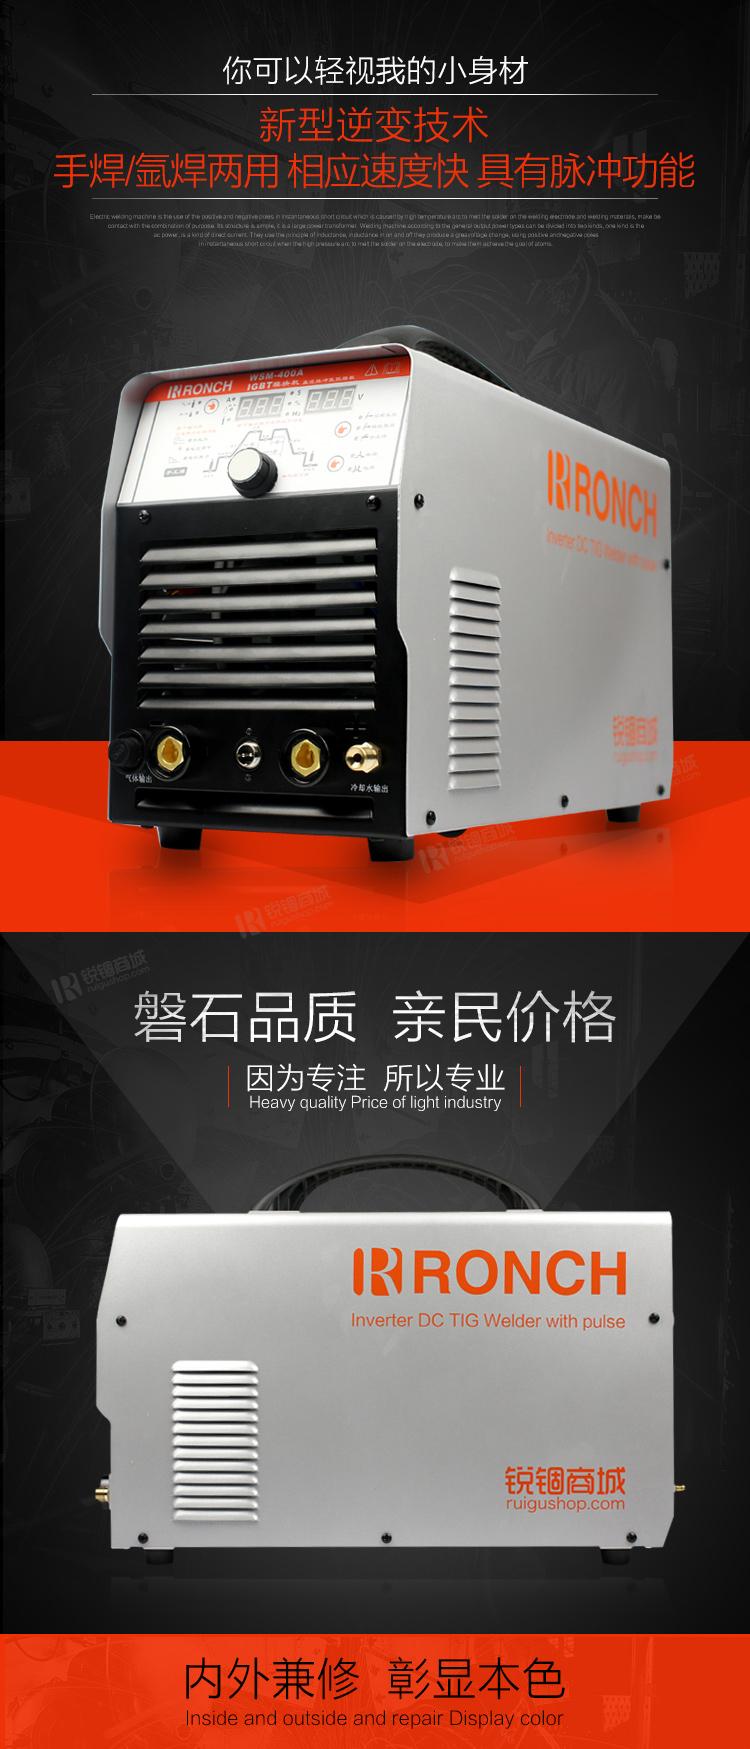 焊机/逆变直流脉冲氩弧焊机wsm-400a igbt模块 手工焊